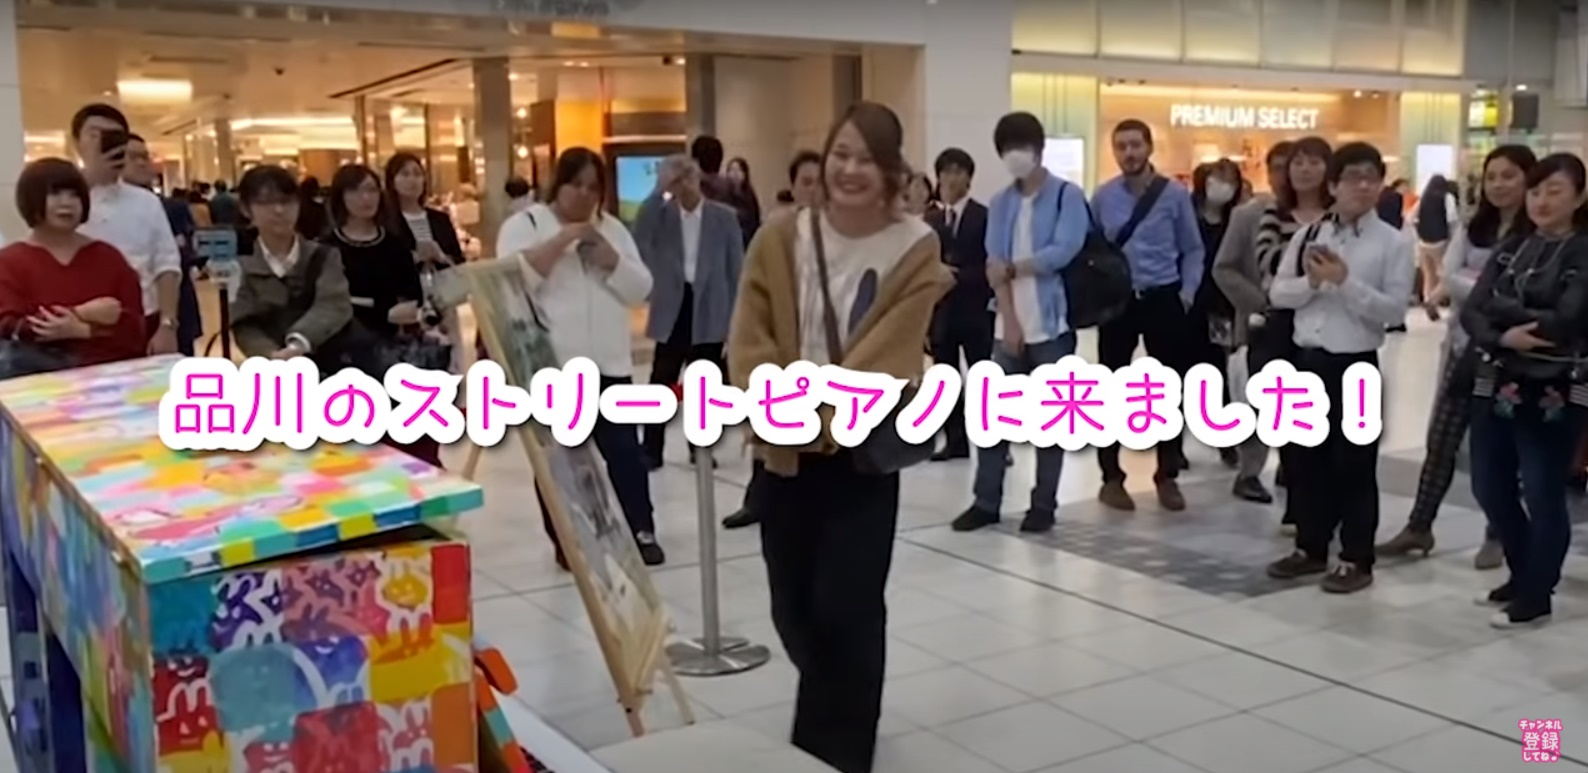 ハラミちゃん×品川駅